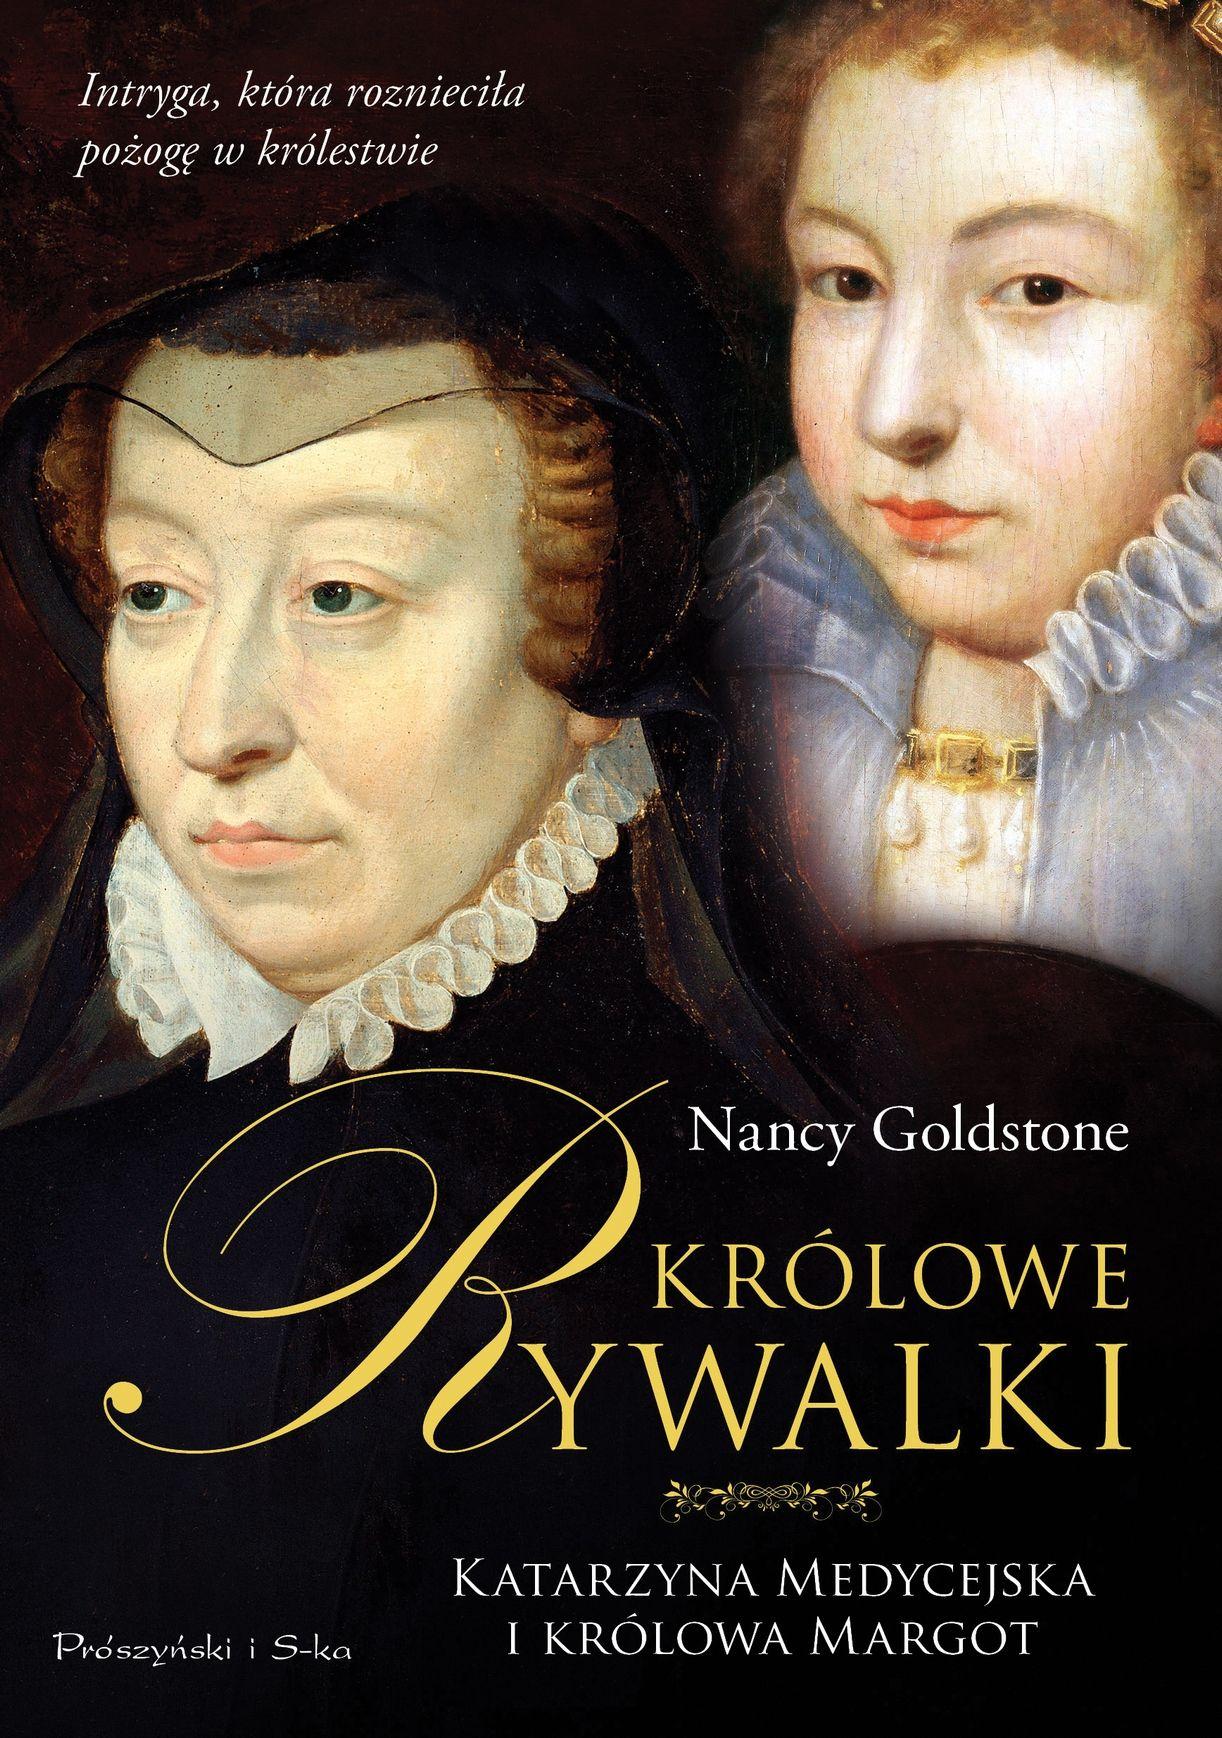 """Artykuł powstał między innymi na podstawie książki Nancy Goldstone pod tytułem """"Królowe rywalki. Katarzyna Medycejska i królowa Margot"""" (Wyd. Prószyński i S-ka 2016)."""